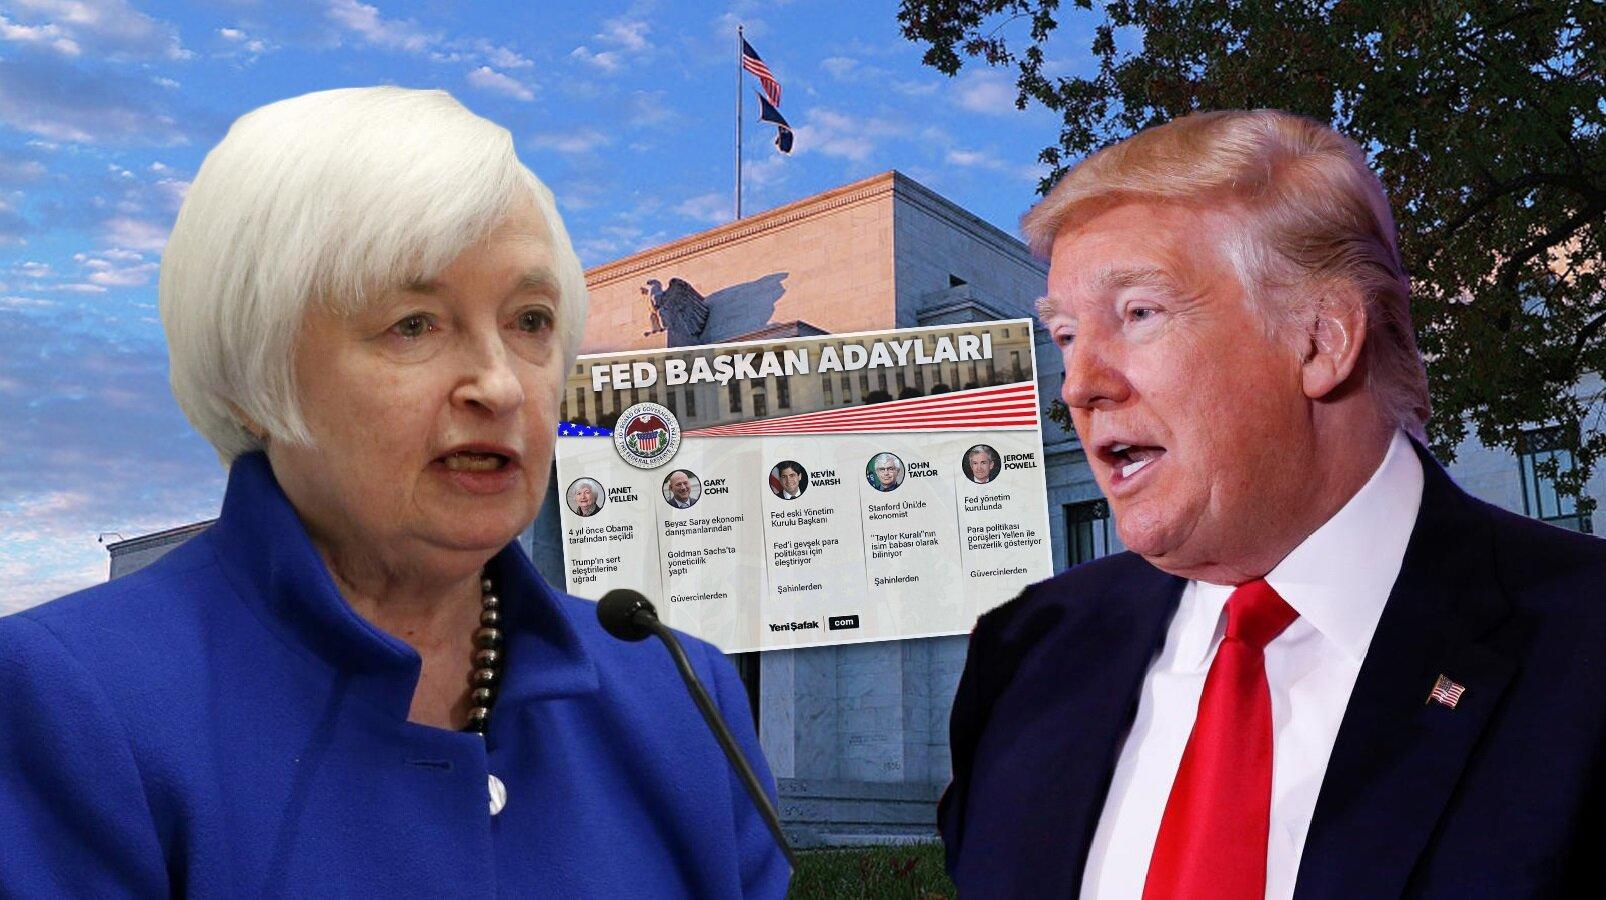 FED başkanlık seçimleri öncesi muhtemel adaylar açıklanırken, Küresel piyasaların gözü Donald Trump'ın vereceği kararda.